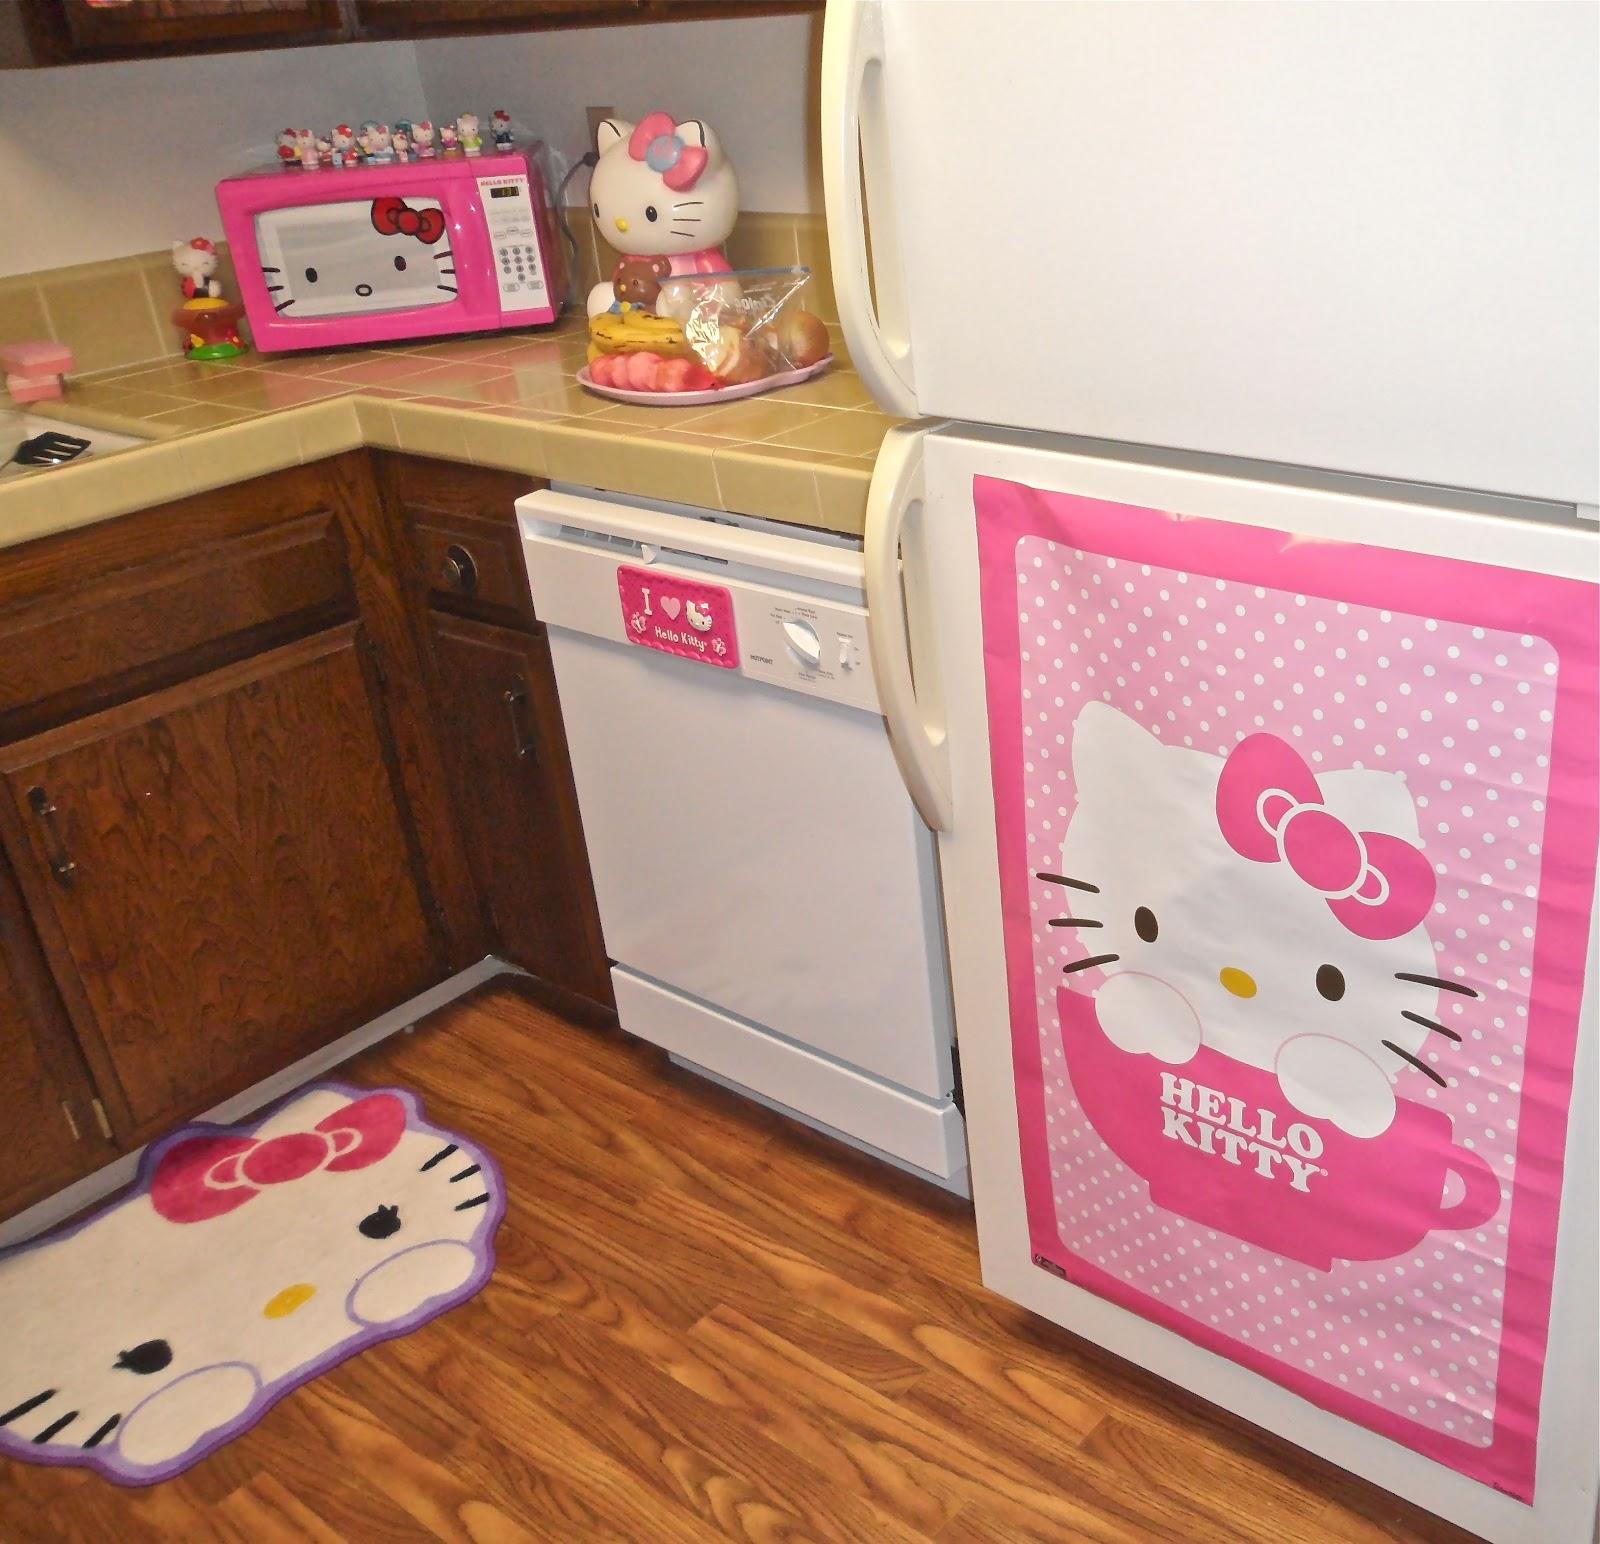 Okashi Yummy: Hello Kitty kitchen!!!